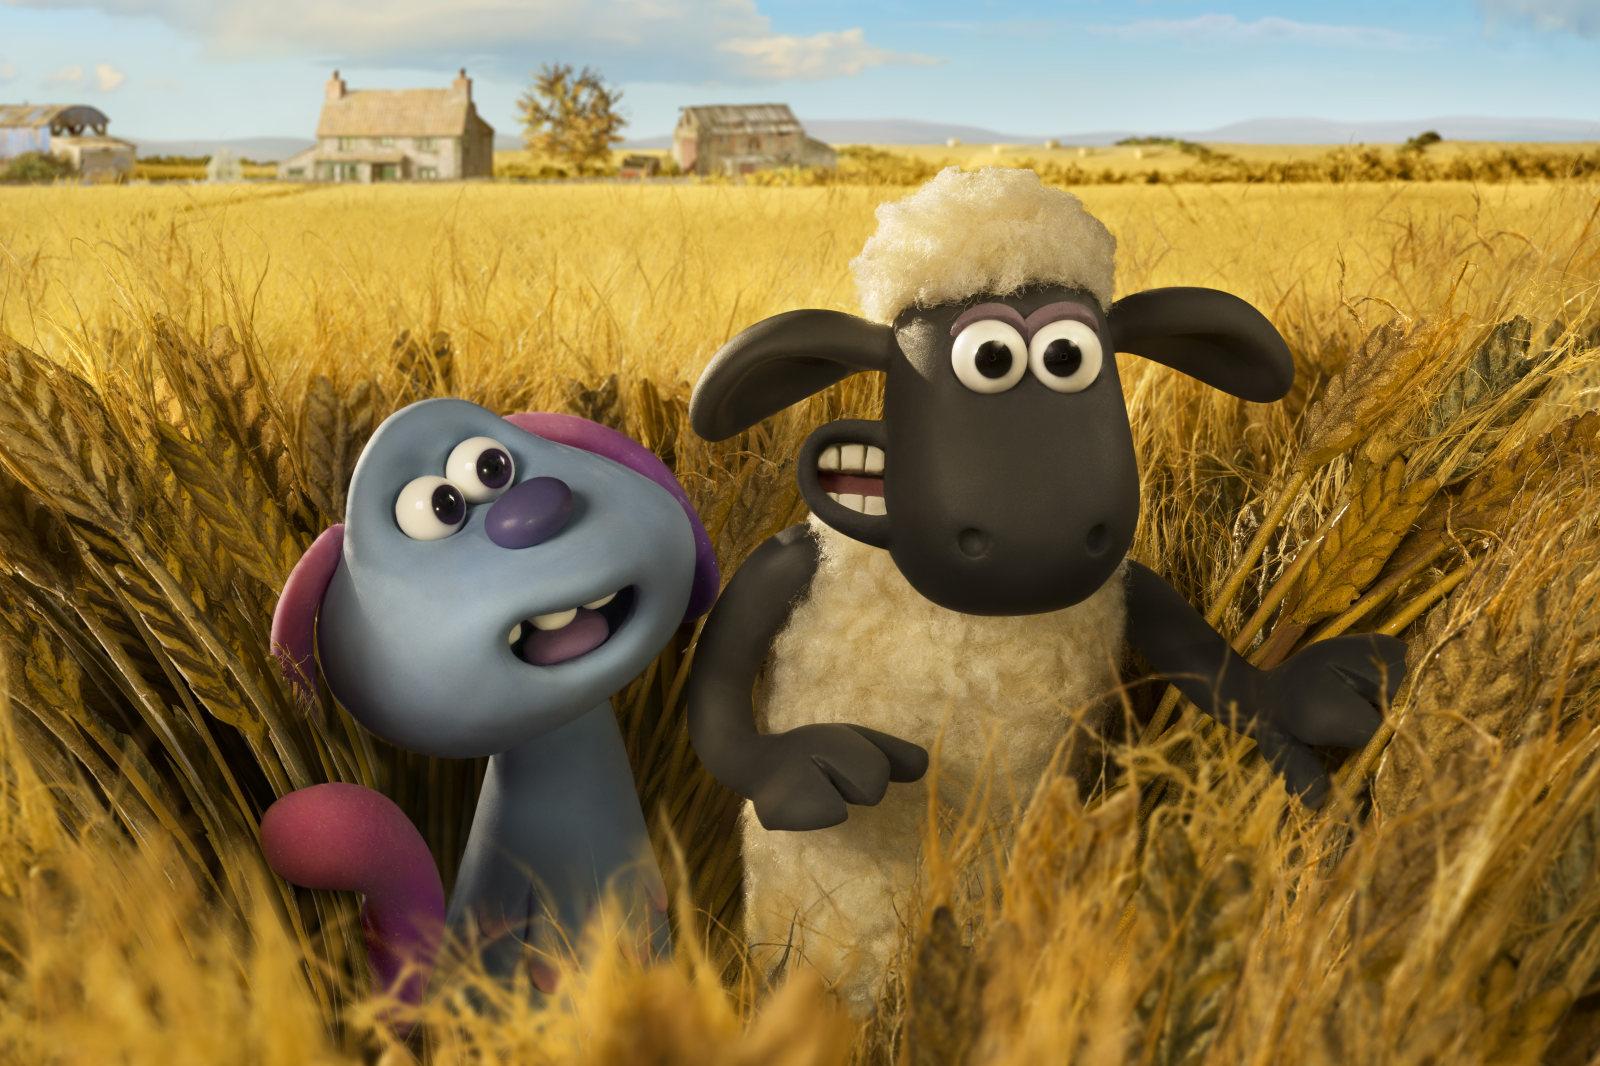 阿德曼公司黏土动画《小羊肖恩2:末日农场》将于12月28日登陆内地院线